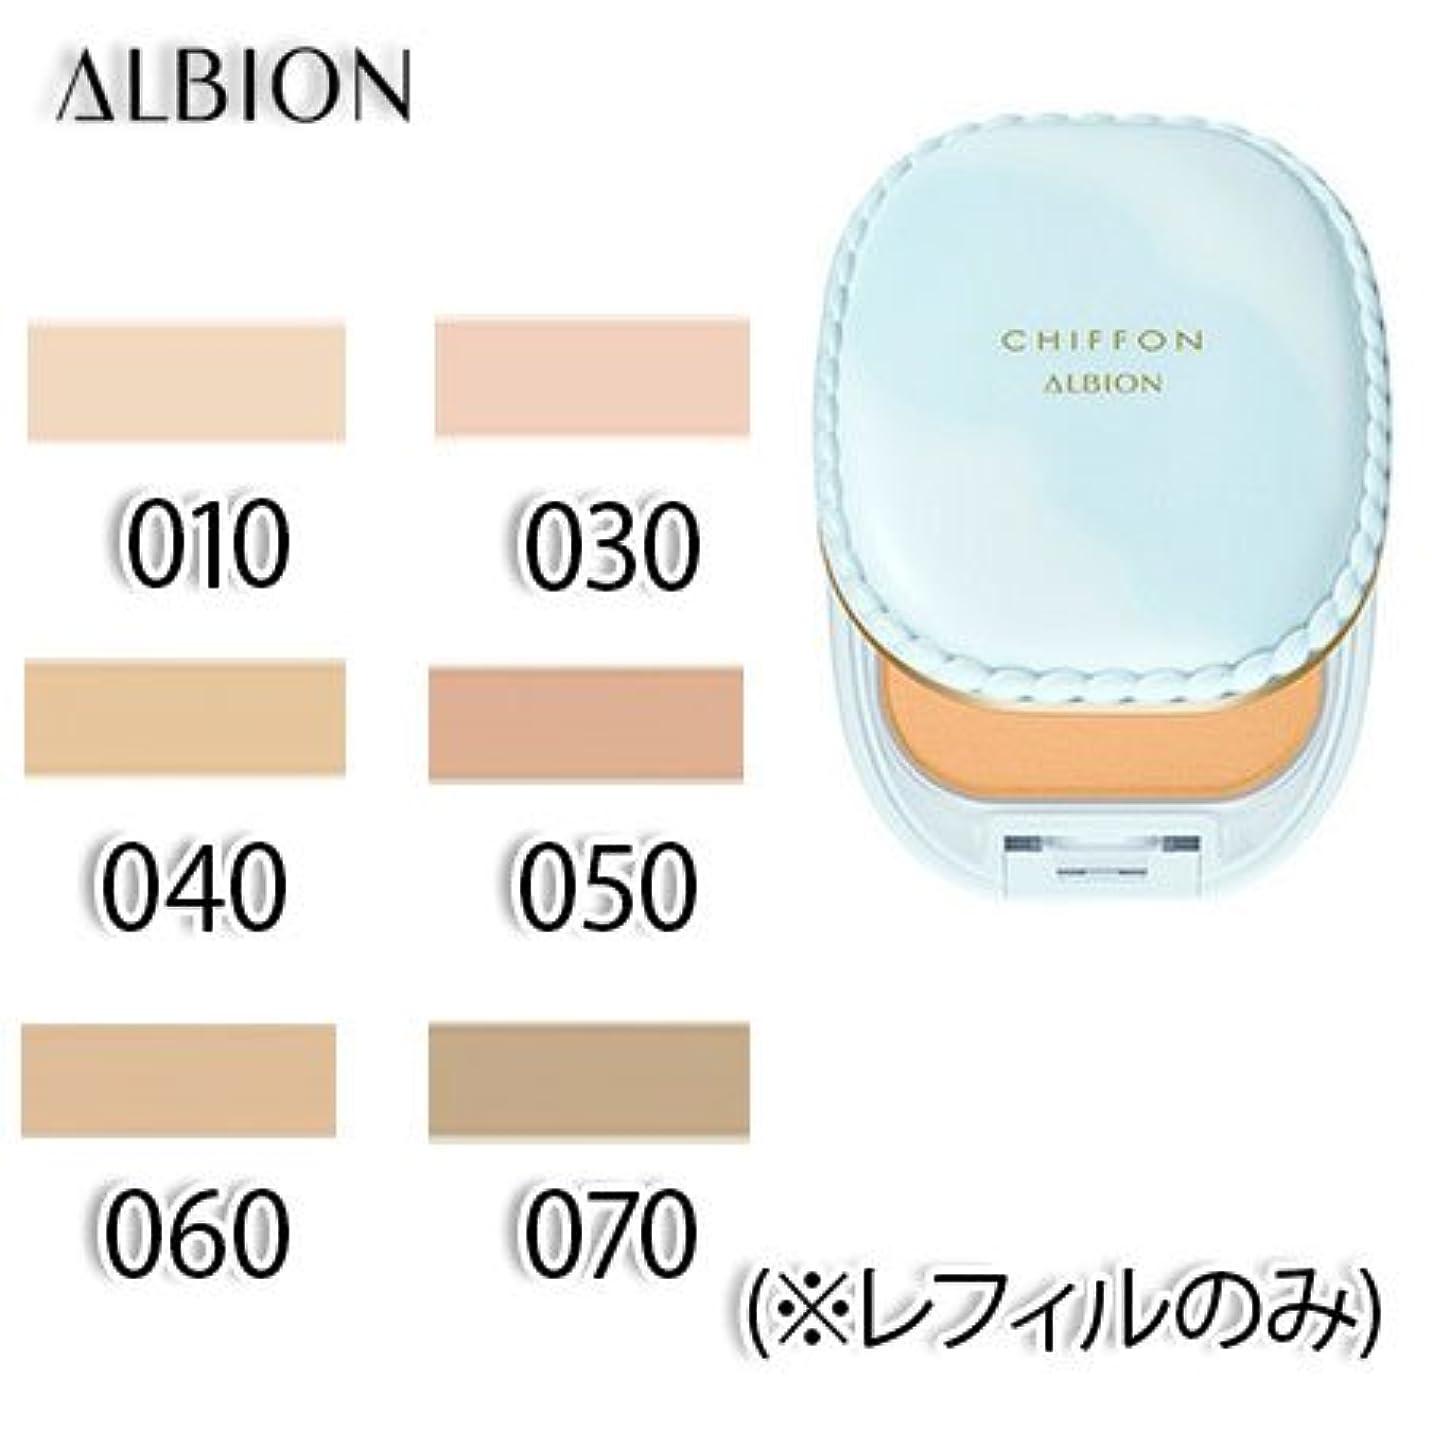 マインドフル逆にはぁアルビオン スノー ホワイト シフォン 全6色 SPF25?PA++ 10g (レフィルのみ) -ALBION- 050